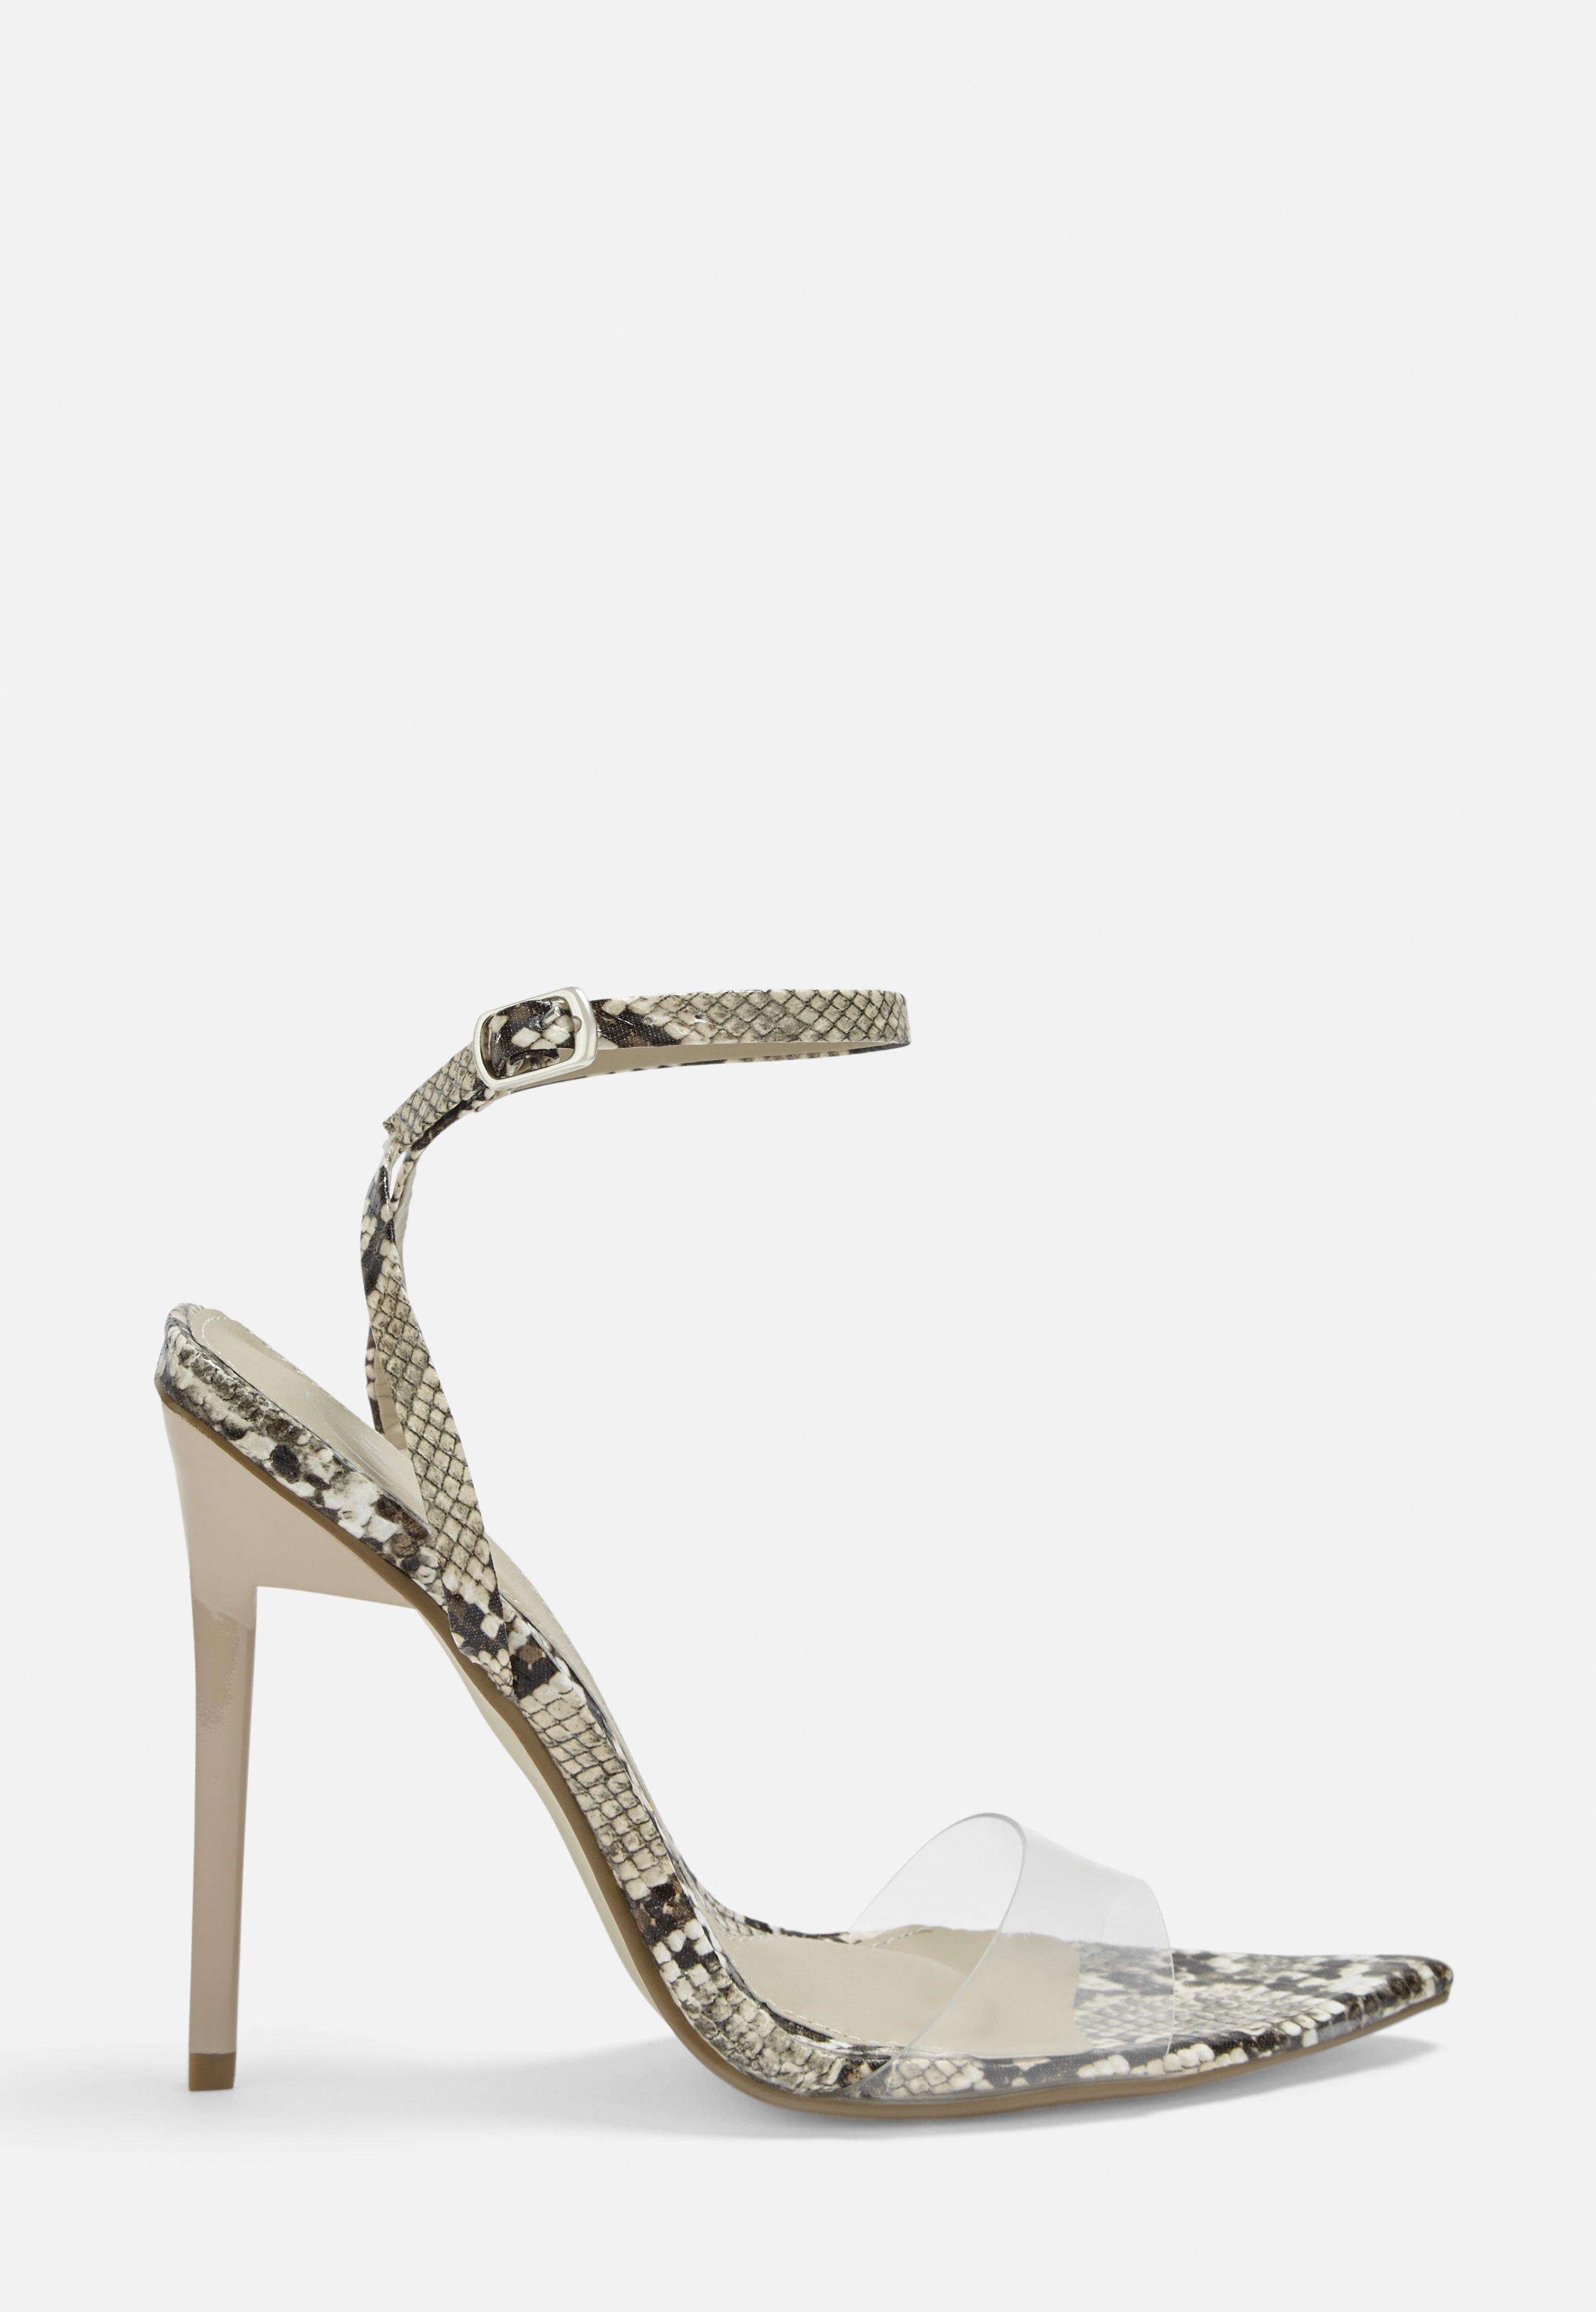 0cc5073ea80 Beige Snake Print Transparent Strap Heels